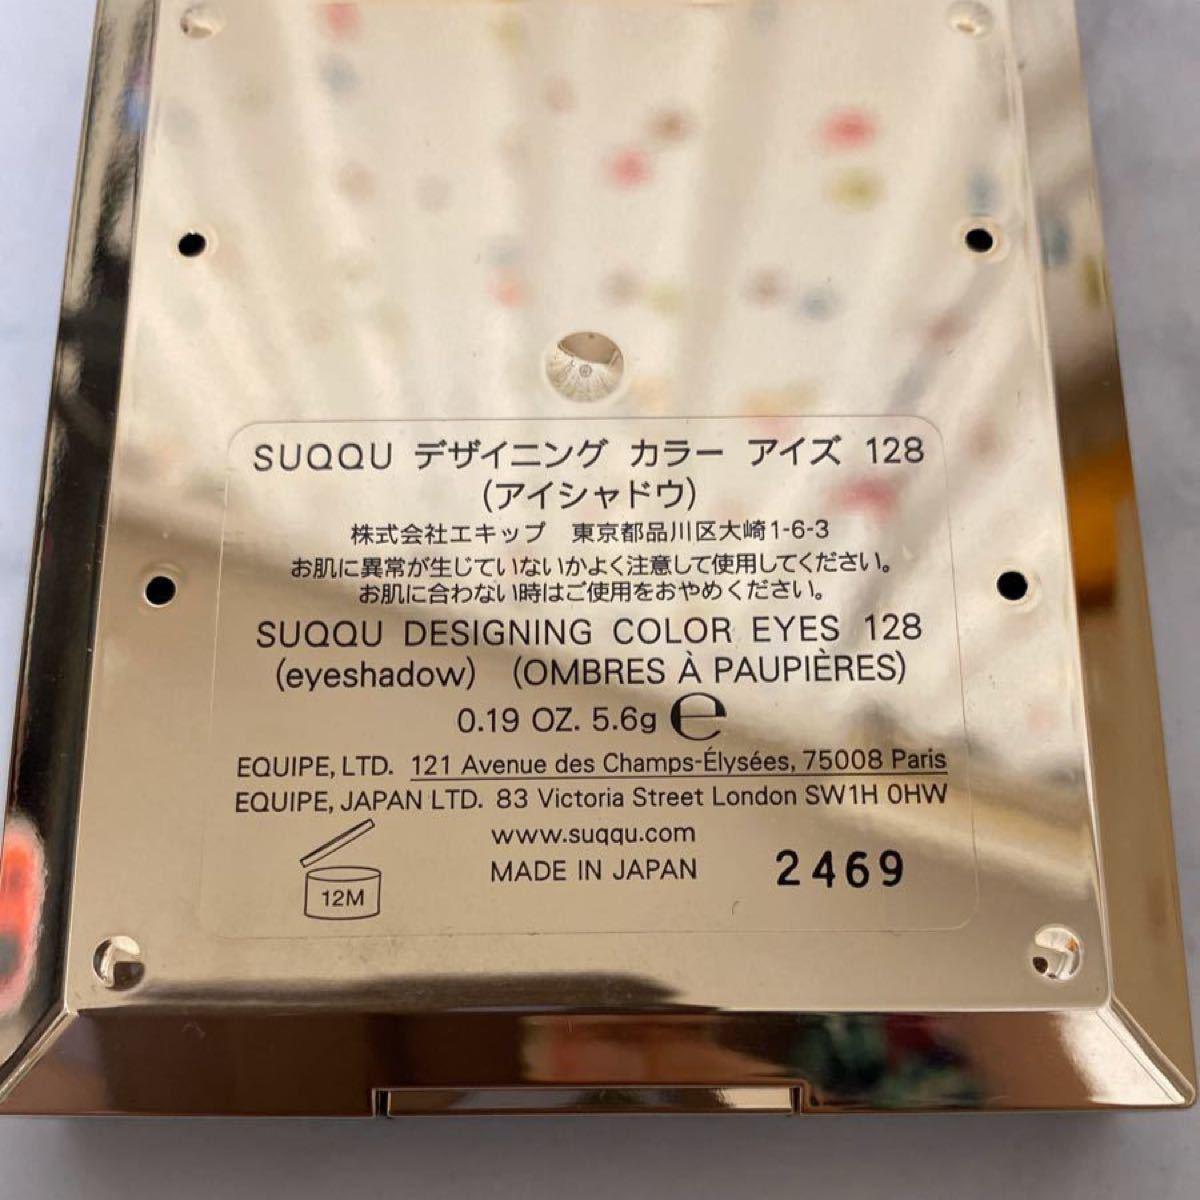 SUQQU デザイニングカラーアイズ 128